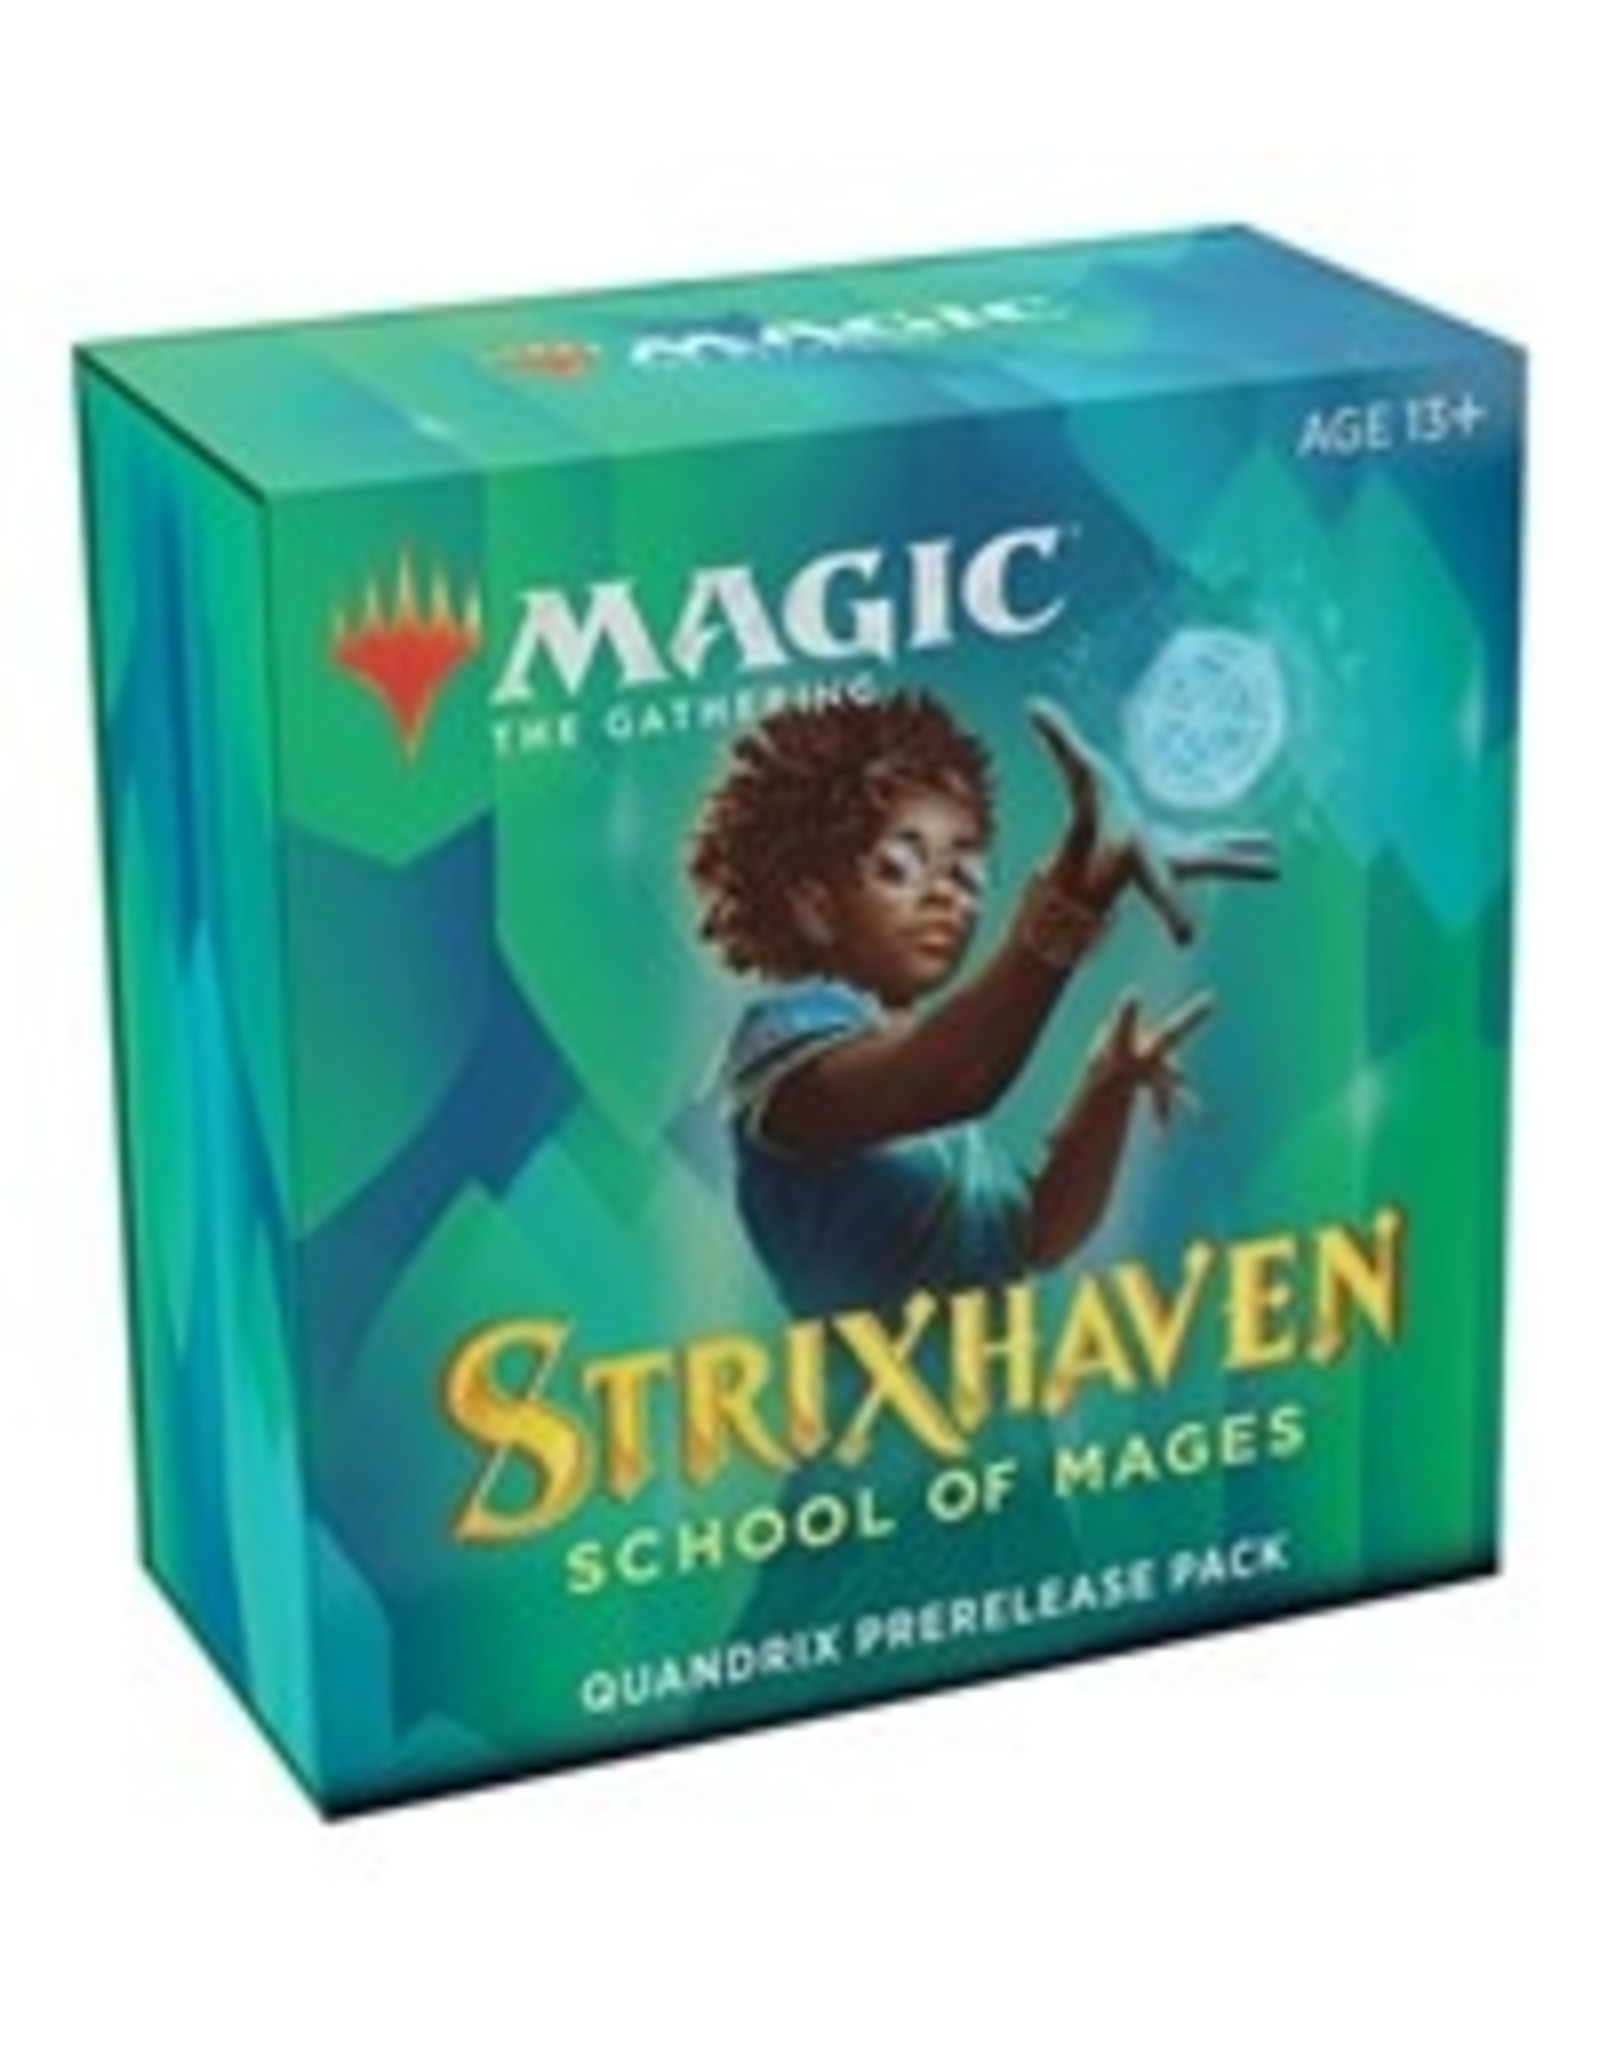 Magic Strixhaven: School of Mages - Prerelease Pack [Quandrix] (Pre Order)